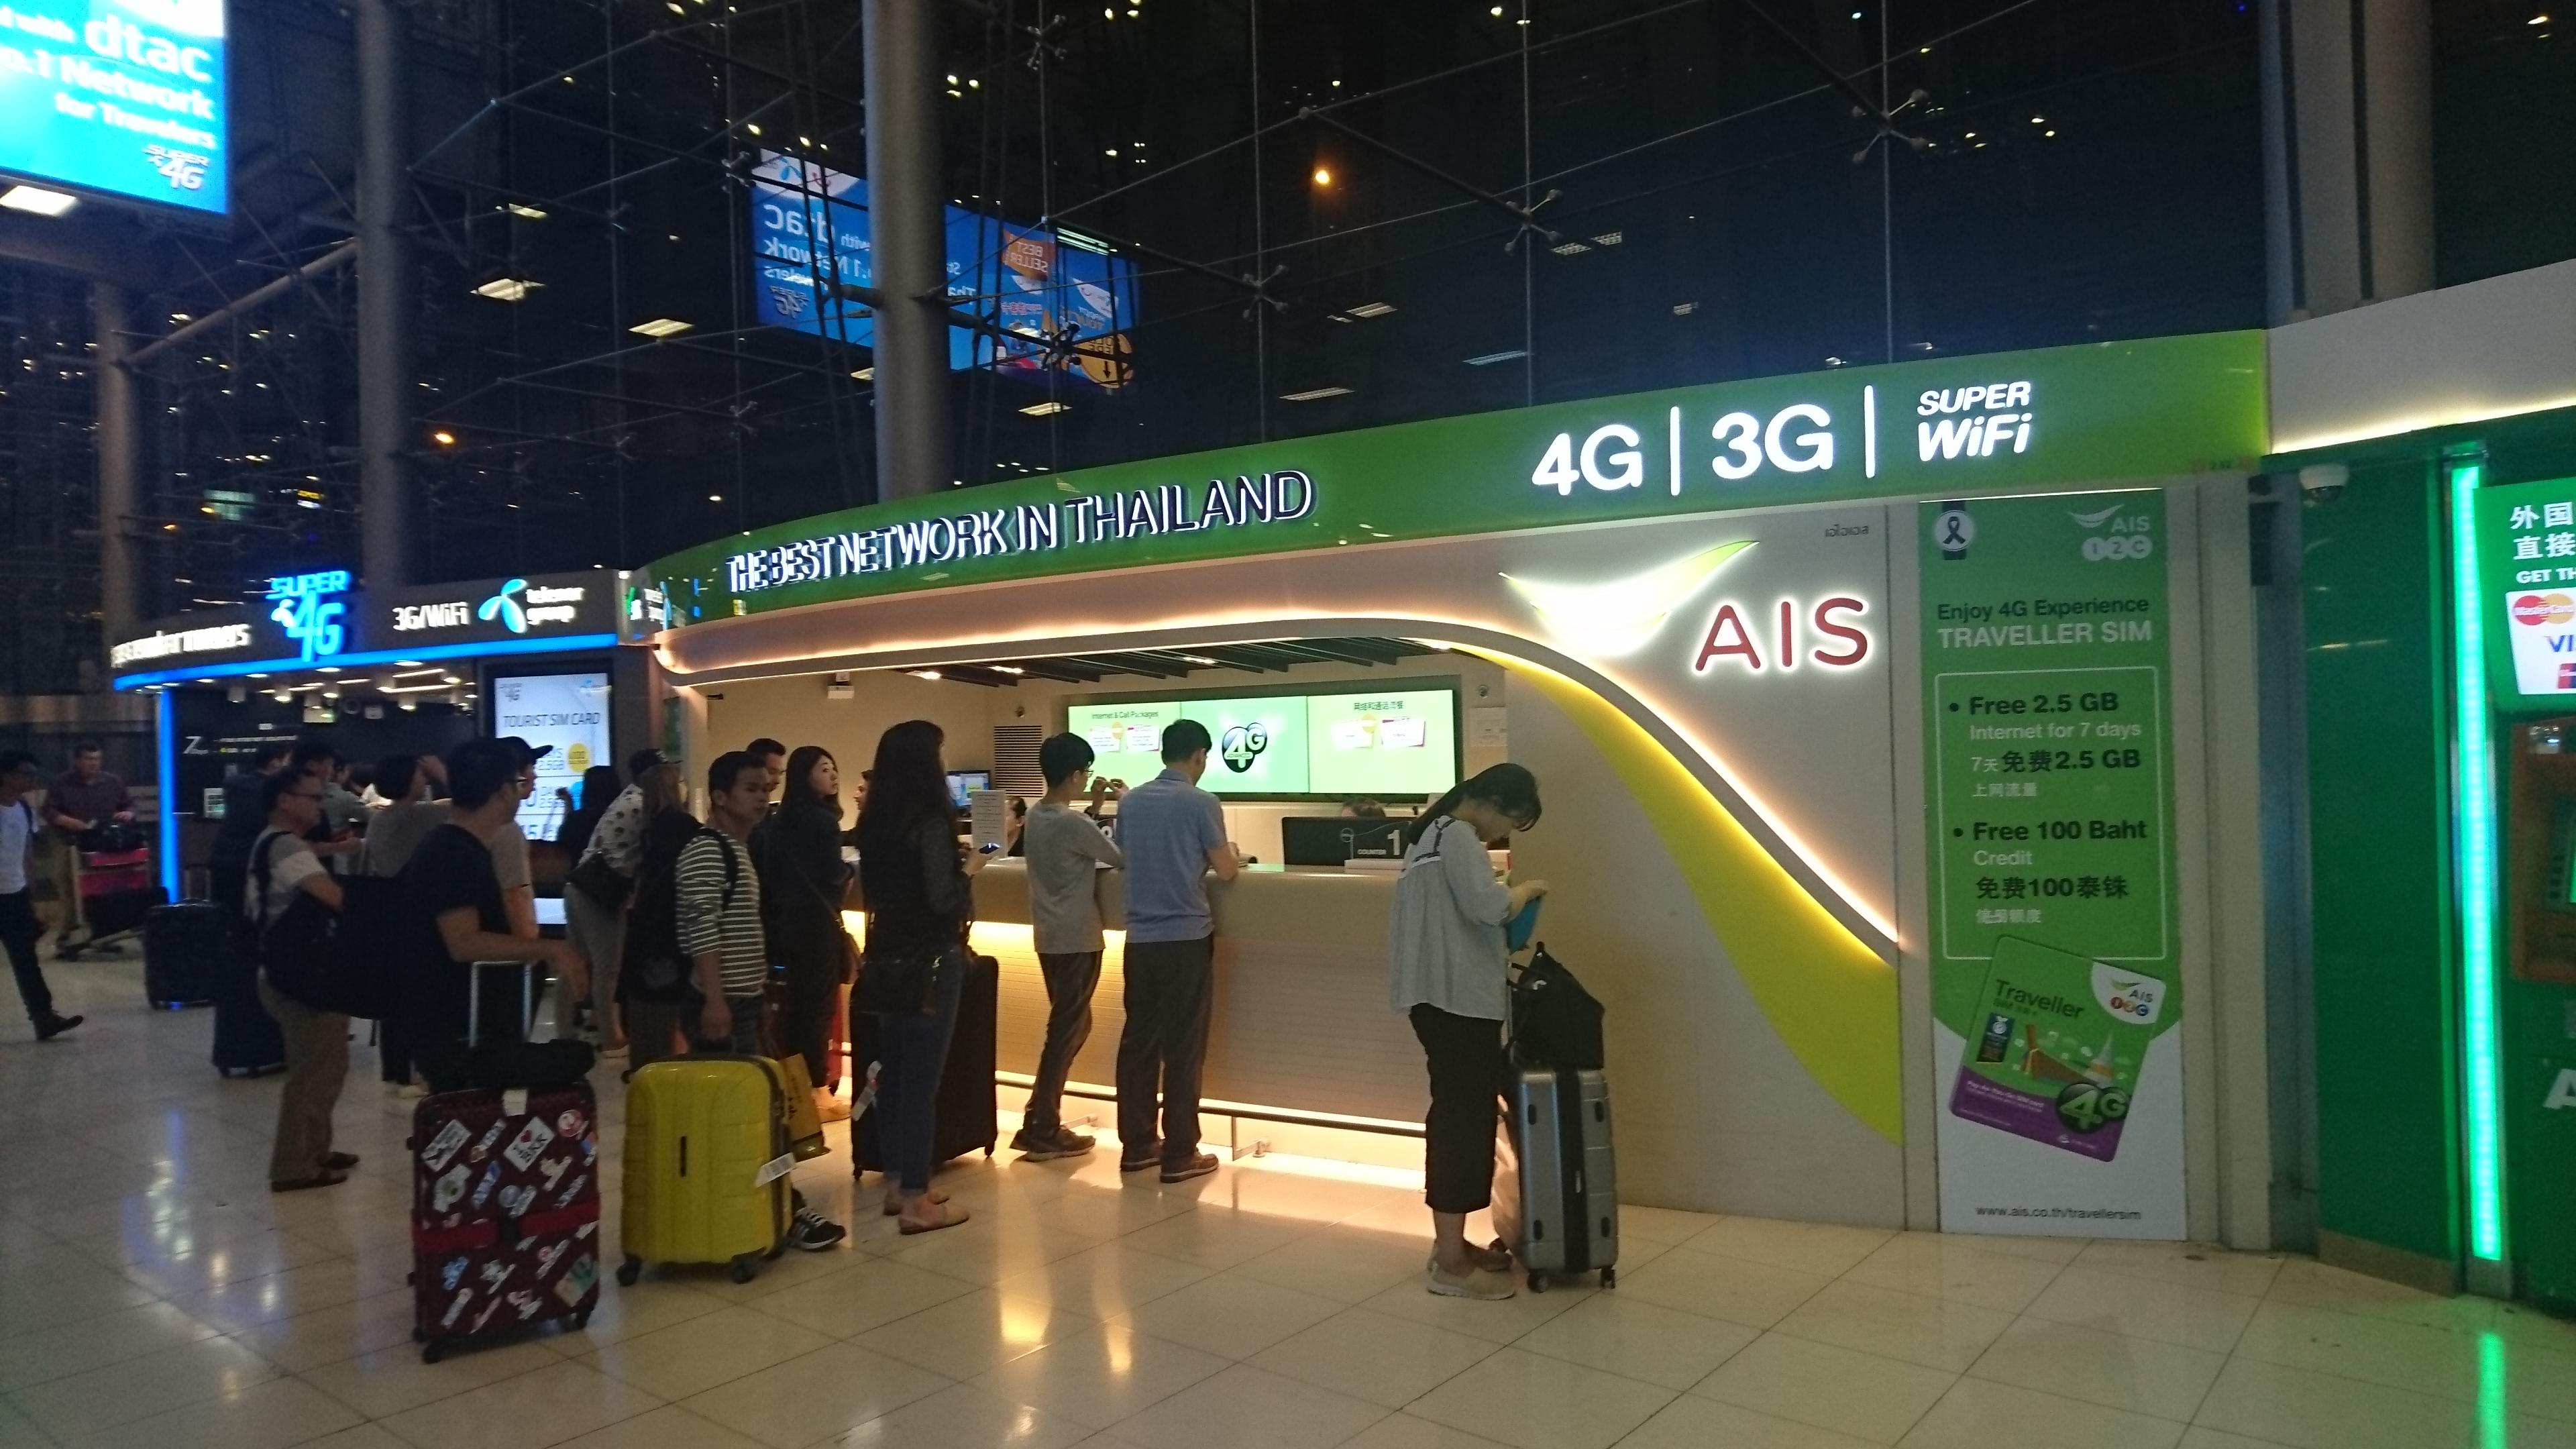 タイで旅行者向けプリペイドSIMカードを利用する